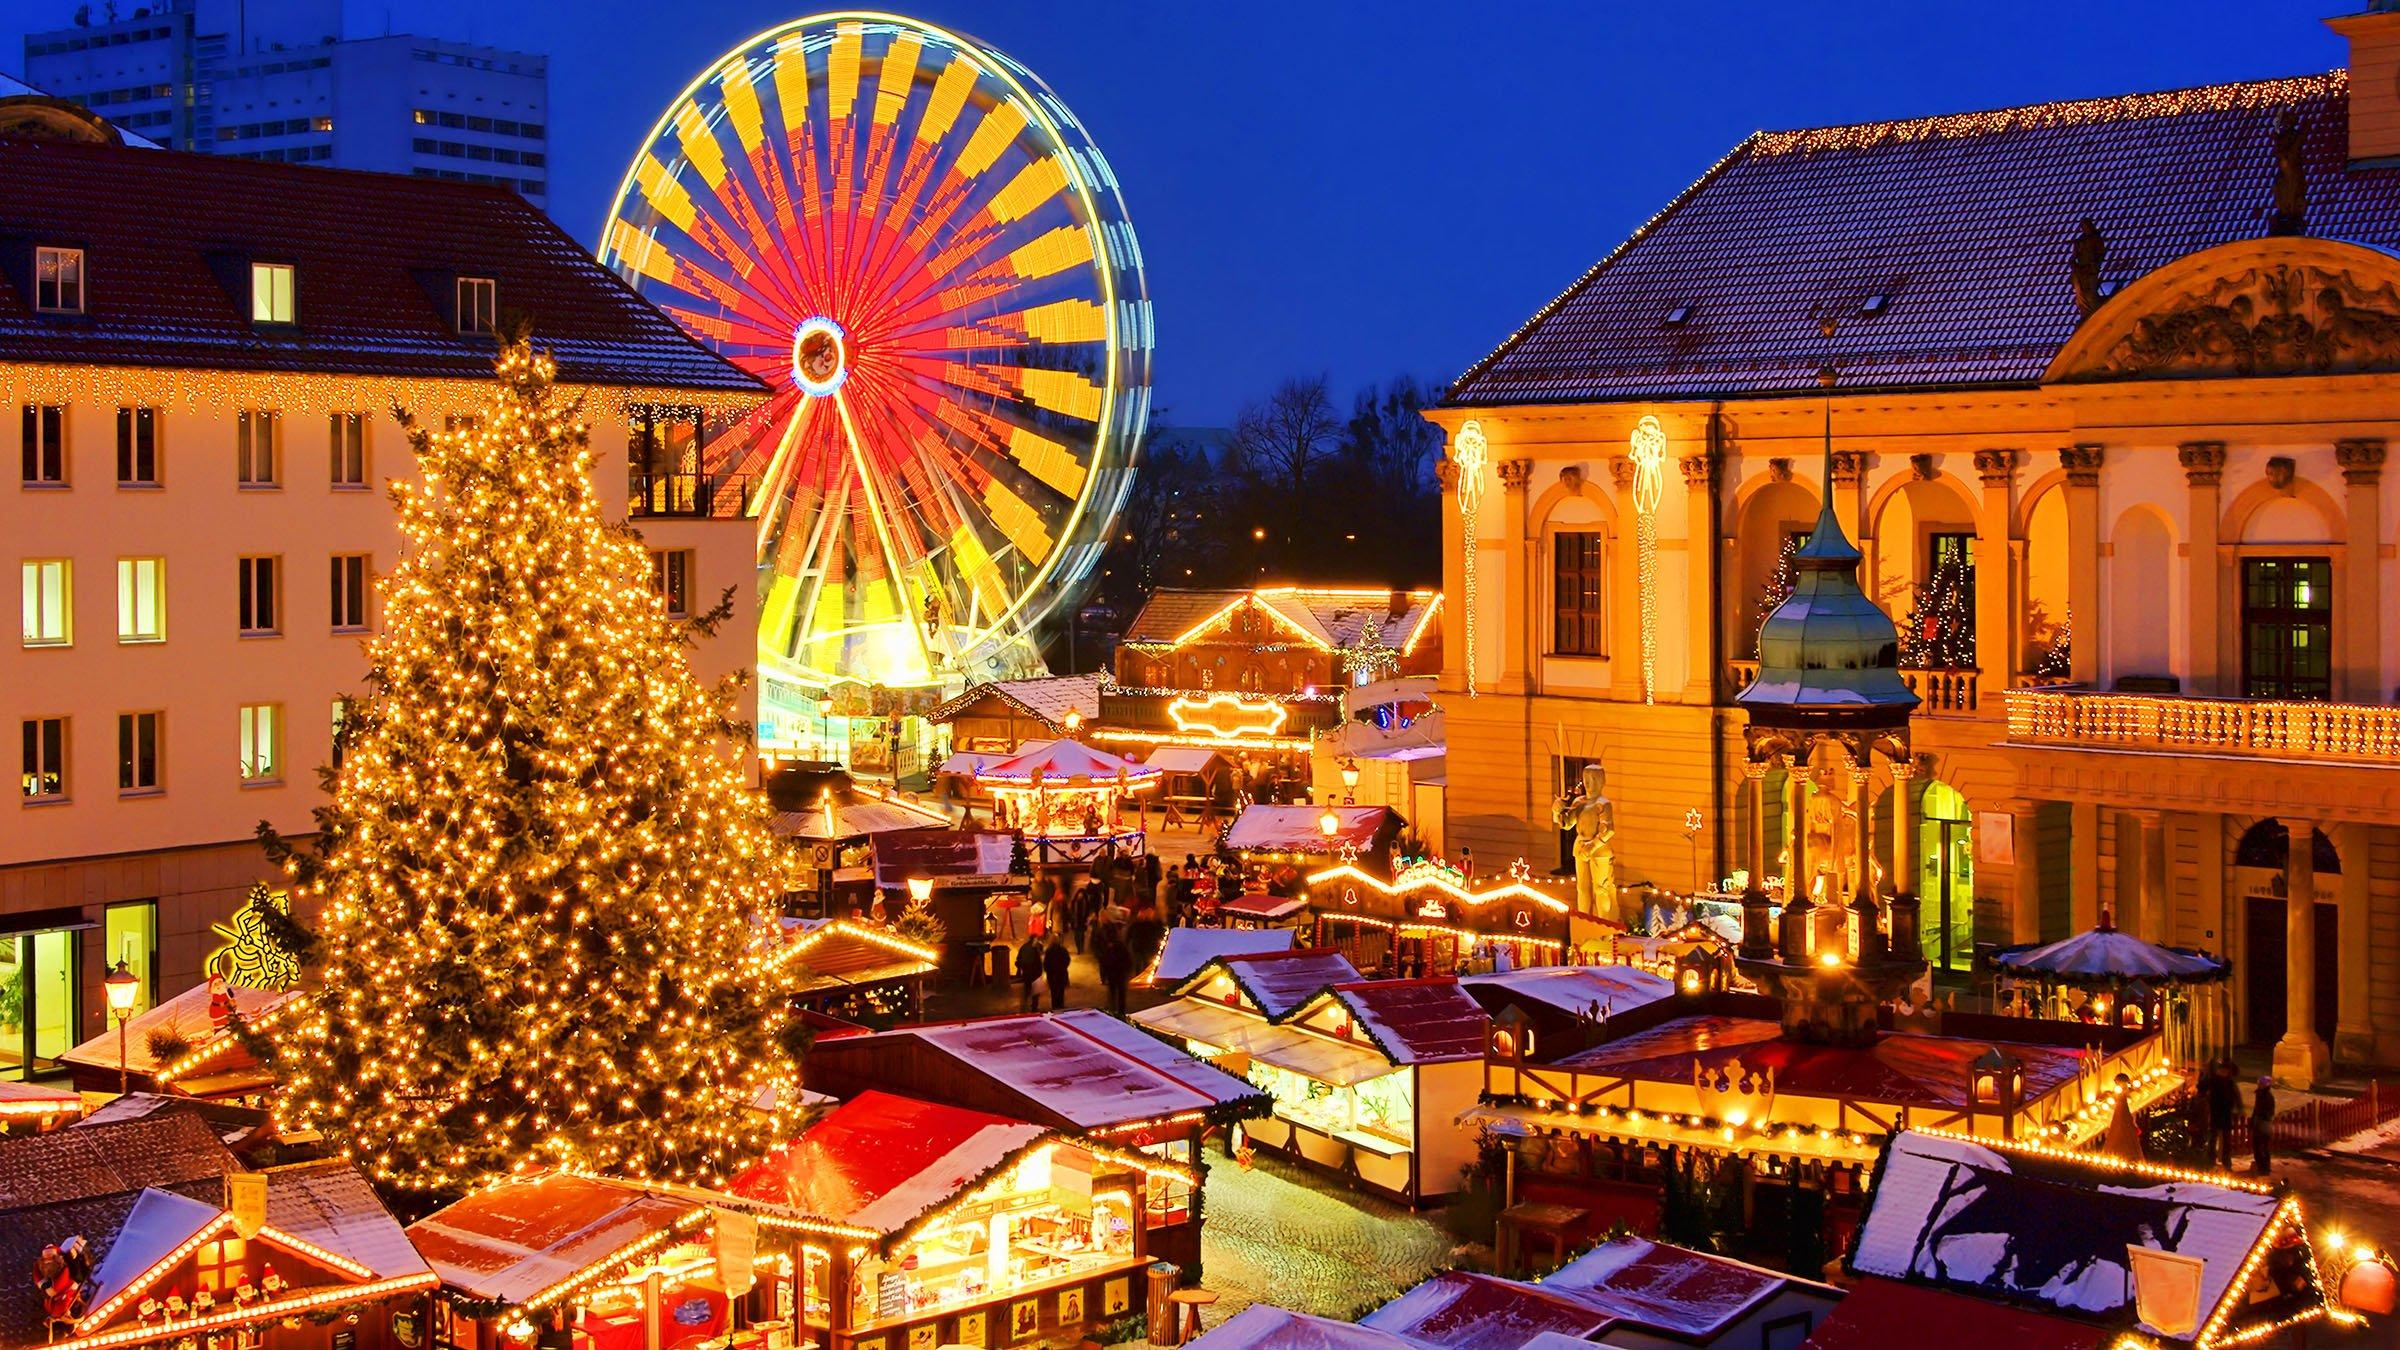 Tradiciones navide as en alemania - Navidades en alemania ...